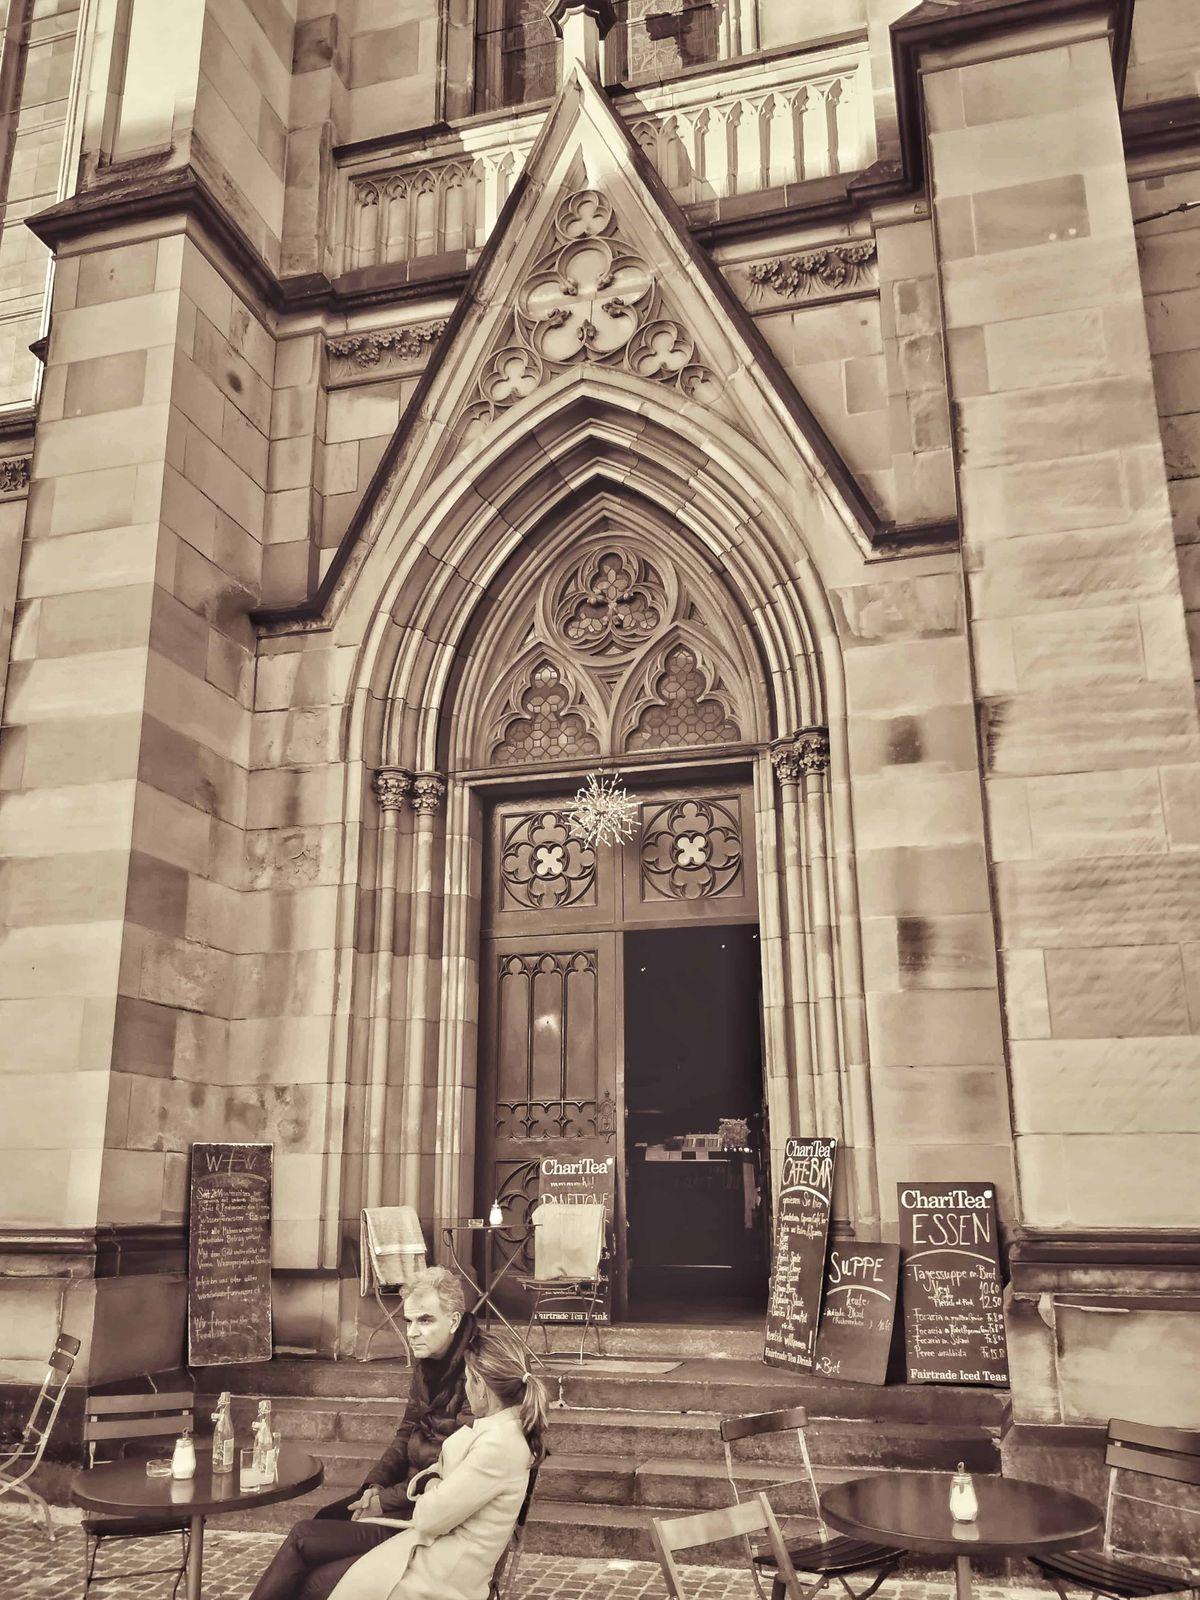 Sőt van olyan templom is, amiben egy kocsma (kávézó) üzemel